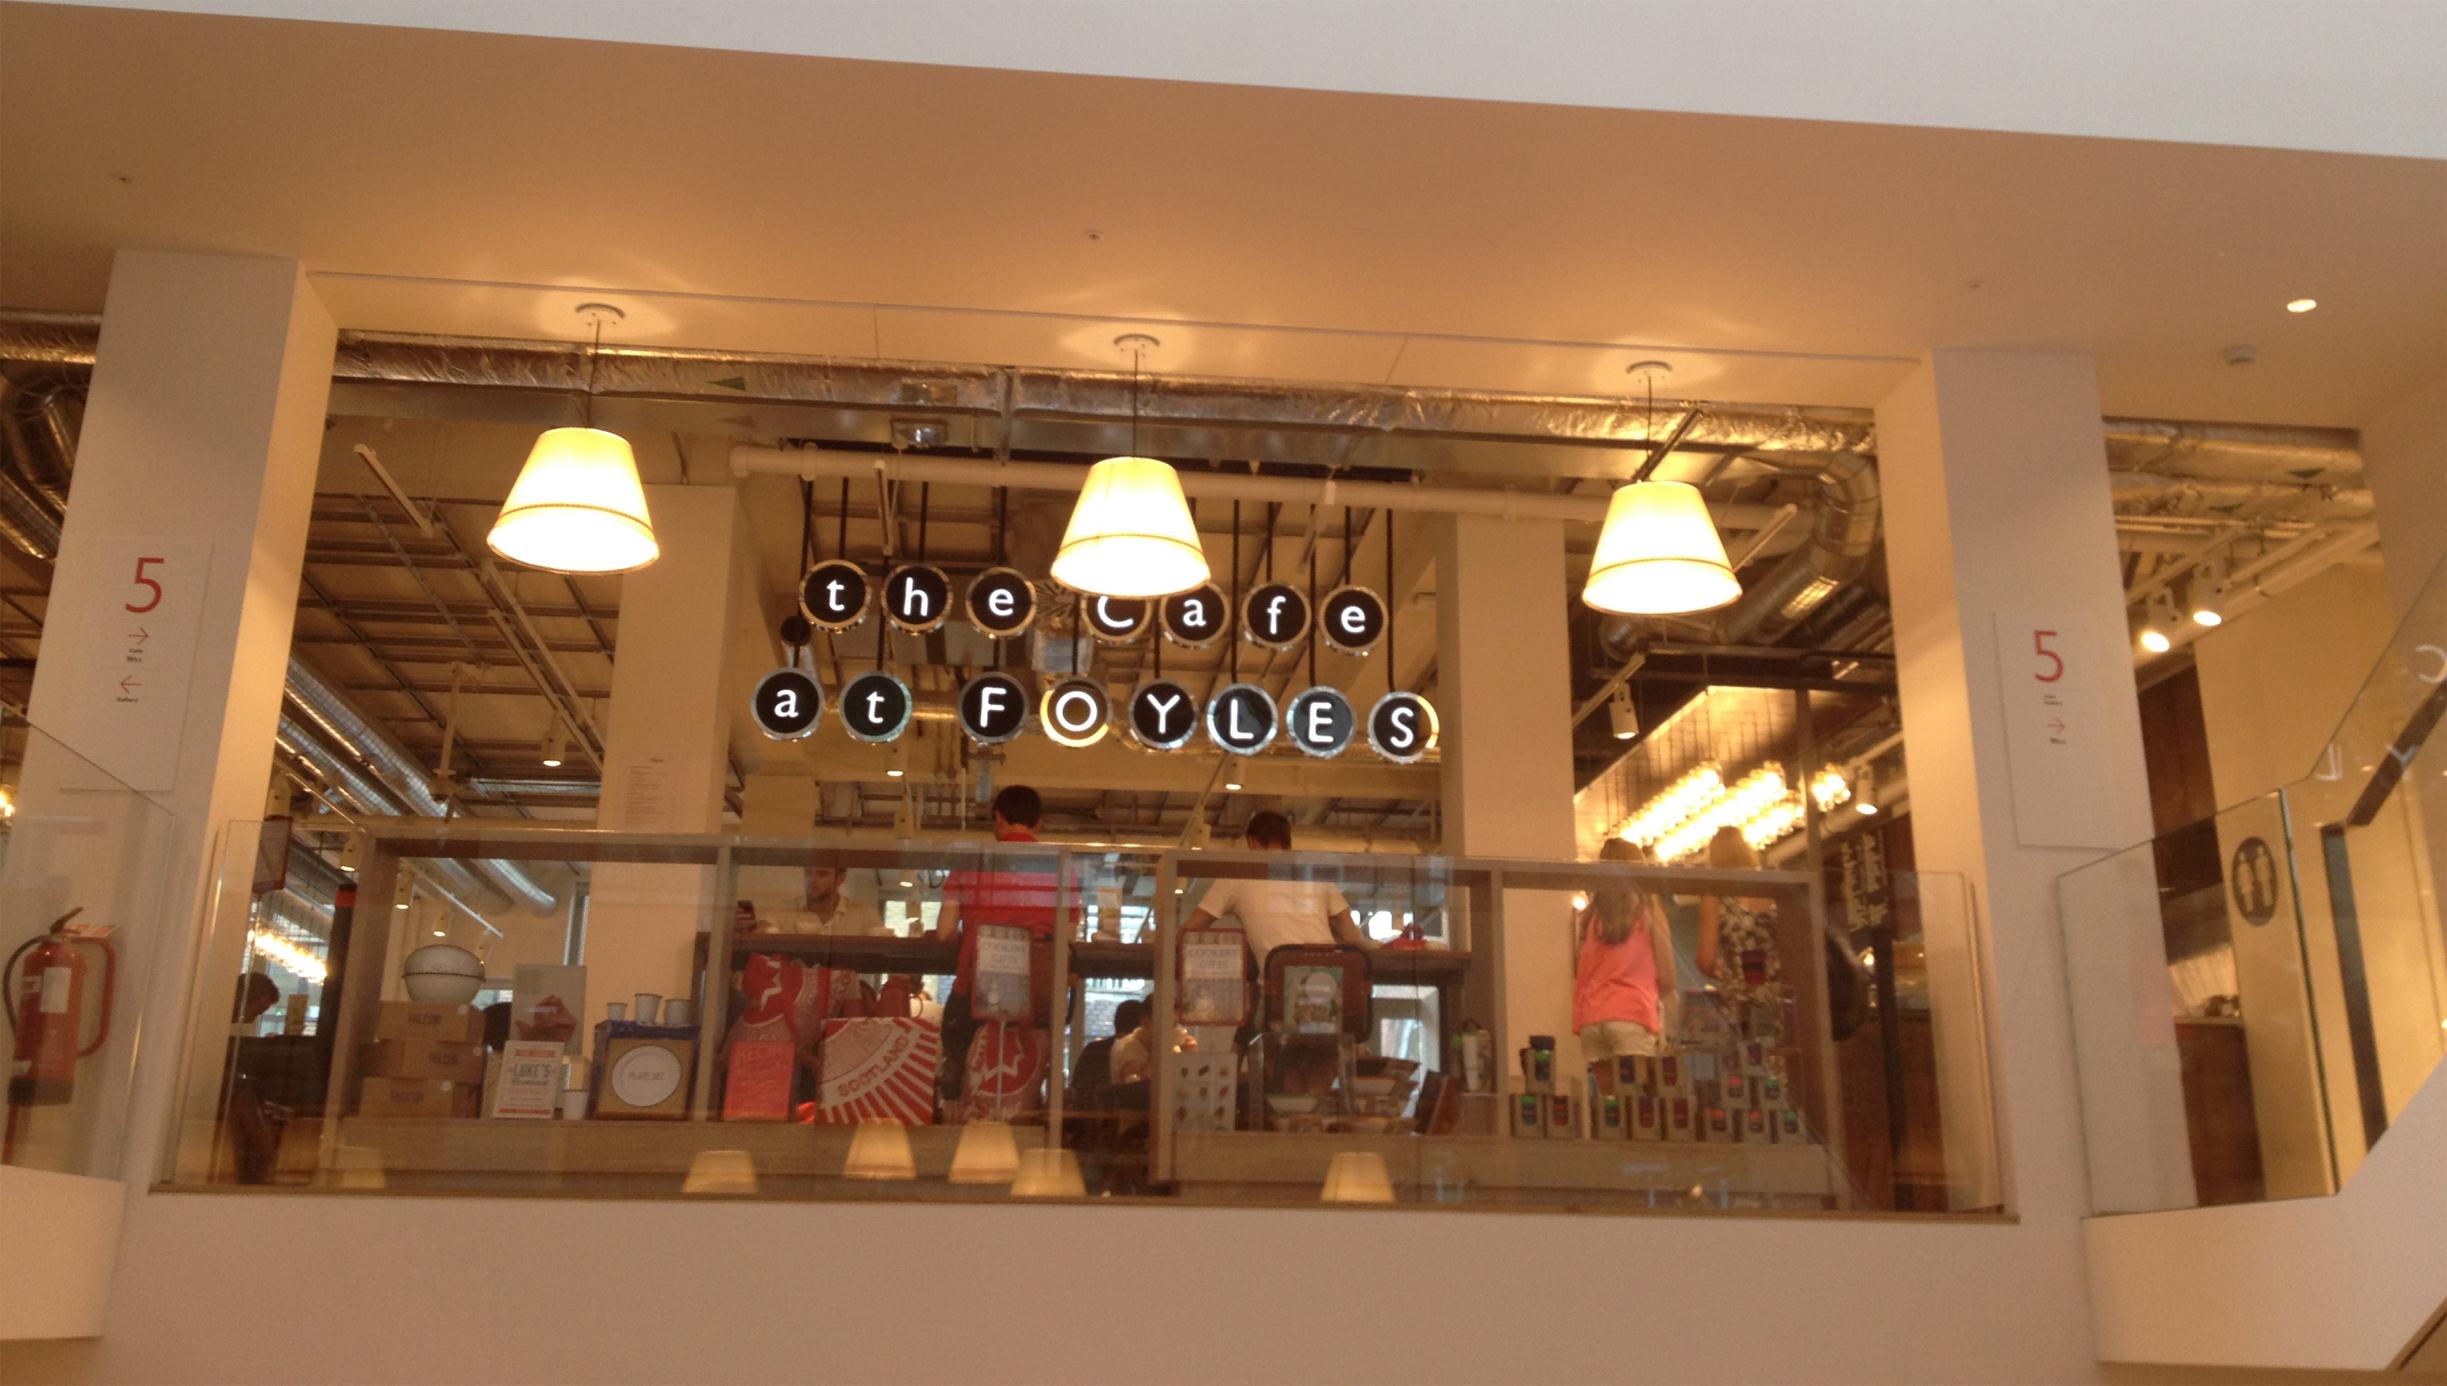 Foyles cafe